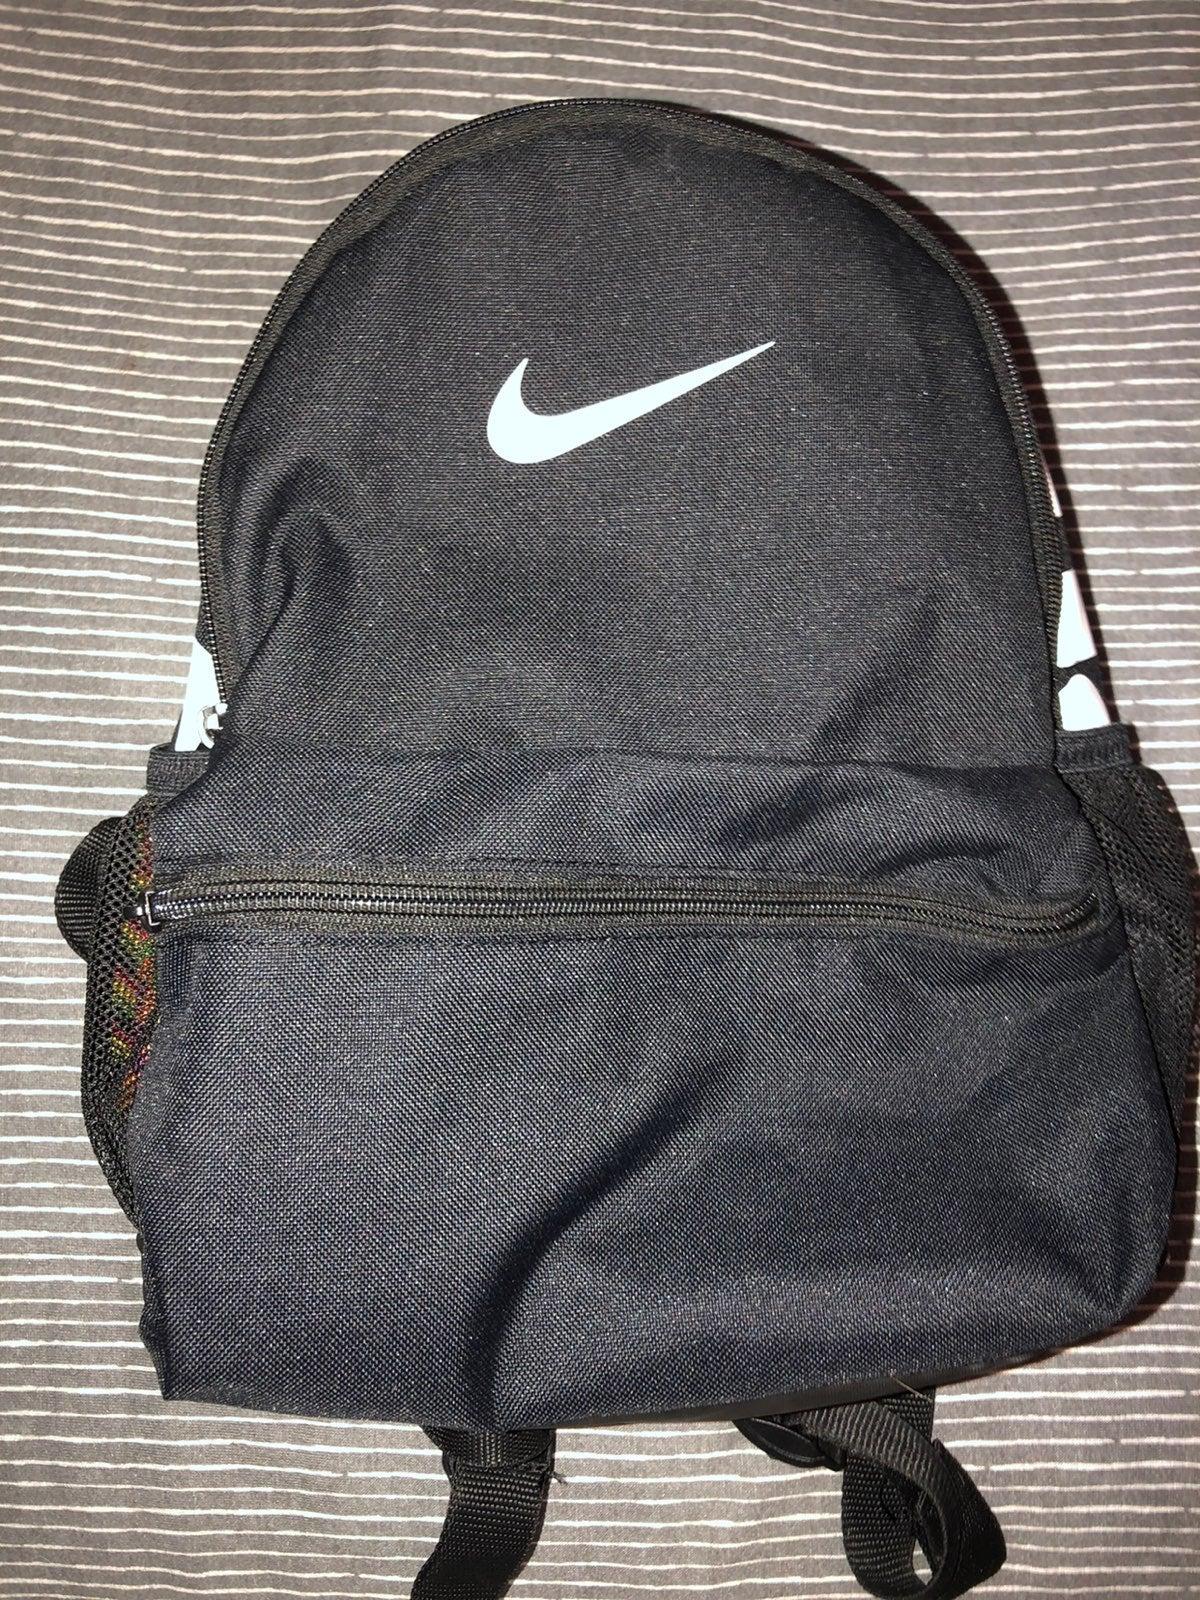 Kids Nike backpack